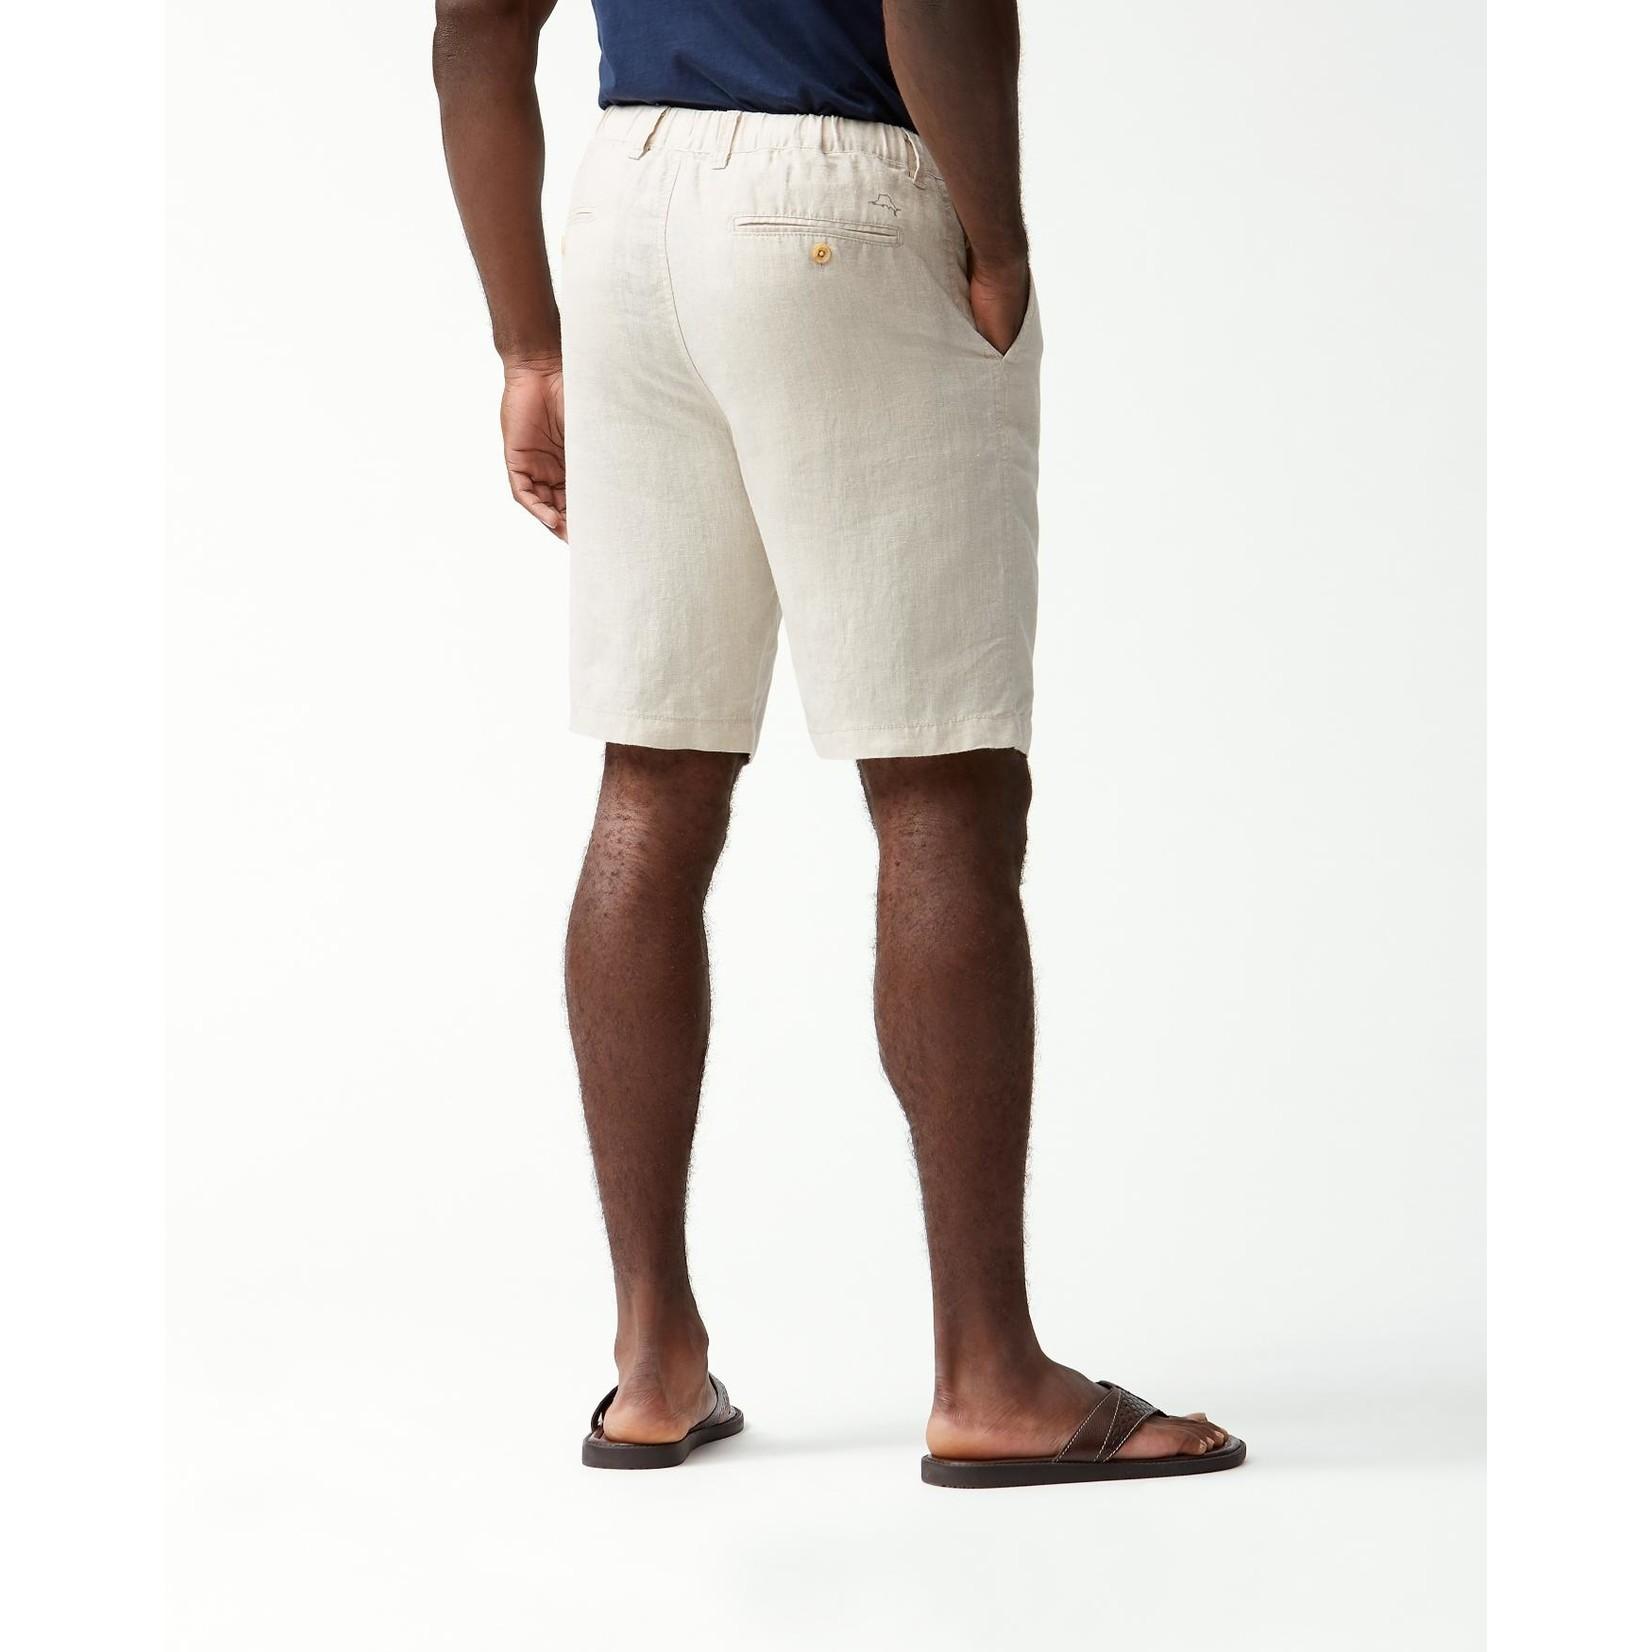 Tommy Bahama Tommy Bahama T821504 Linen The Good Life Shorts